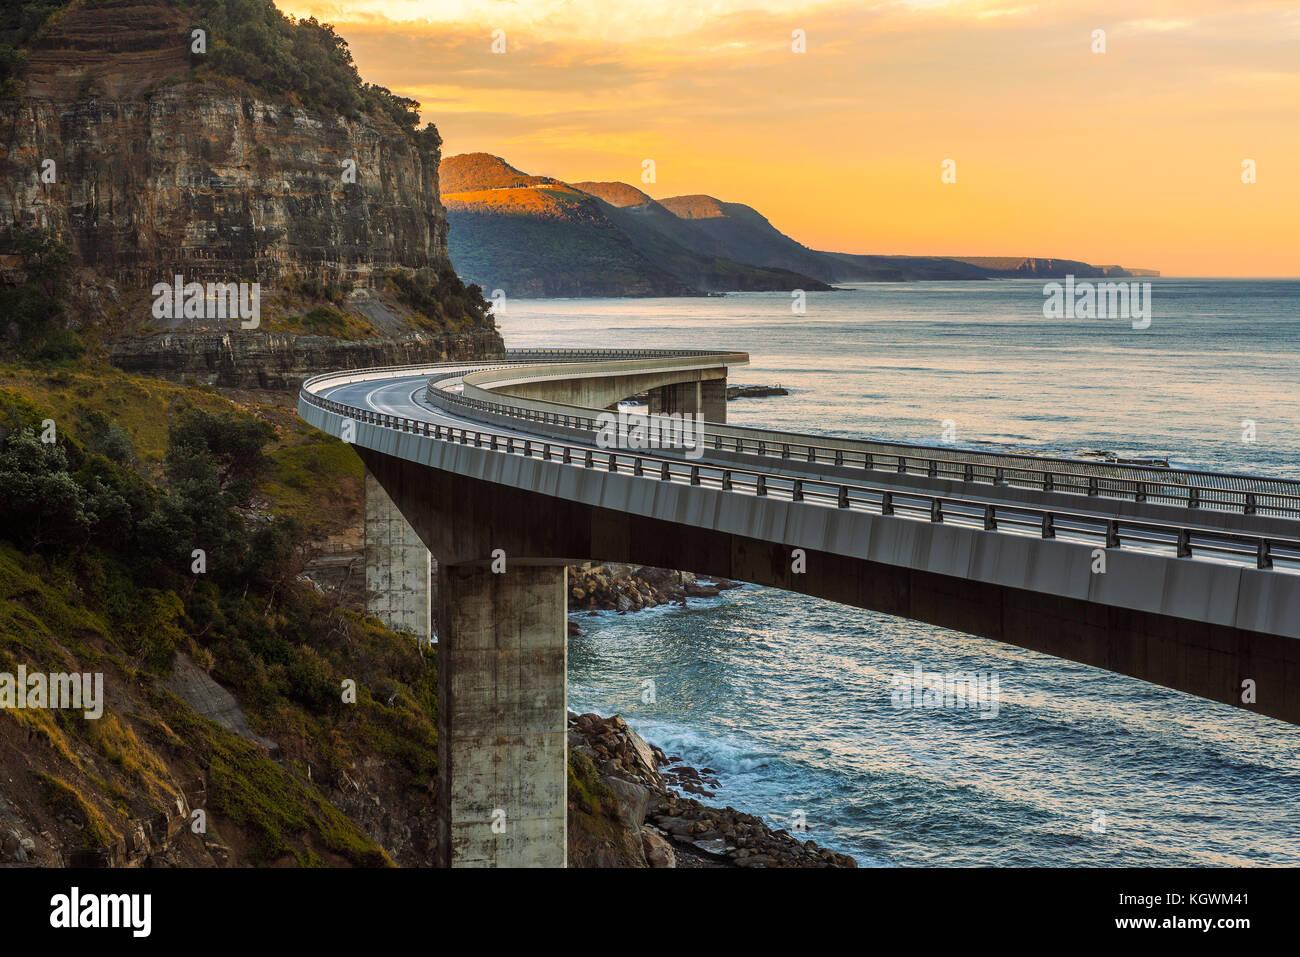 Sonnenuntergang über dem Meer Felsen Brücke entlang von Australian Pacific ocean Stockbild